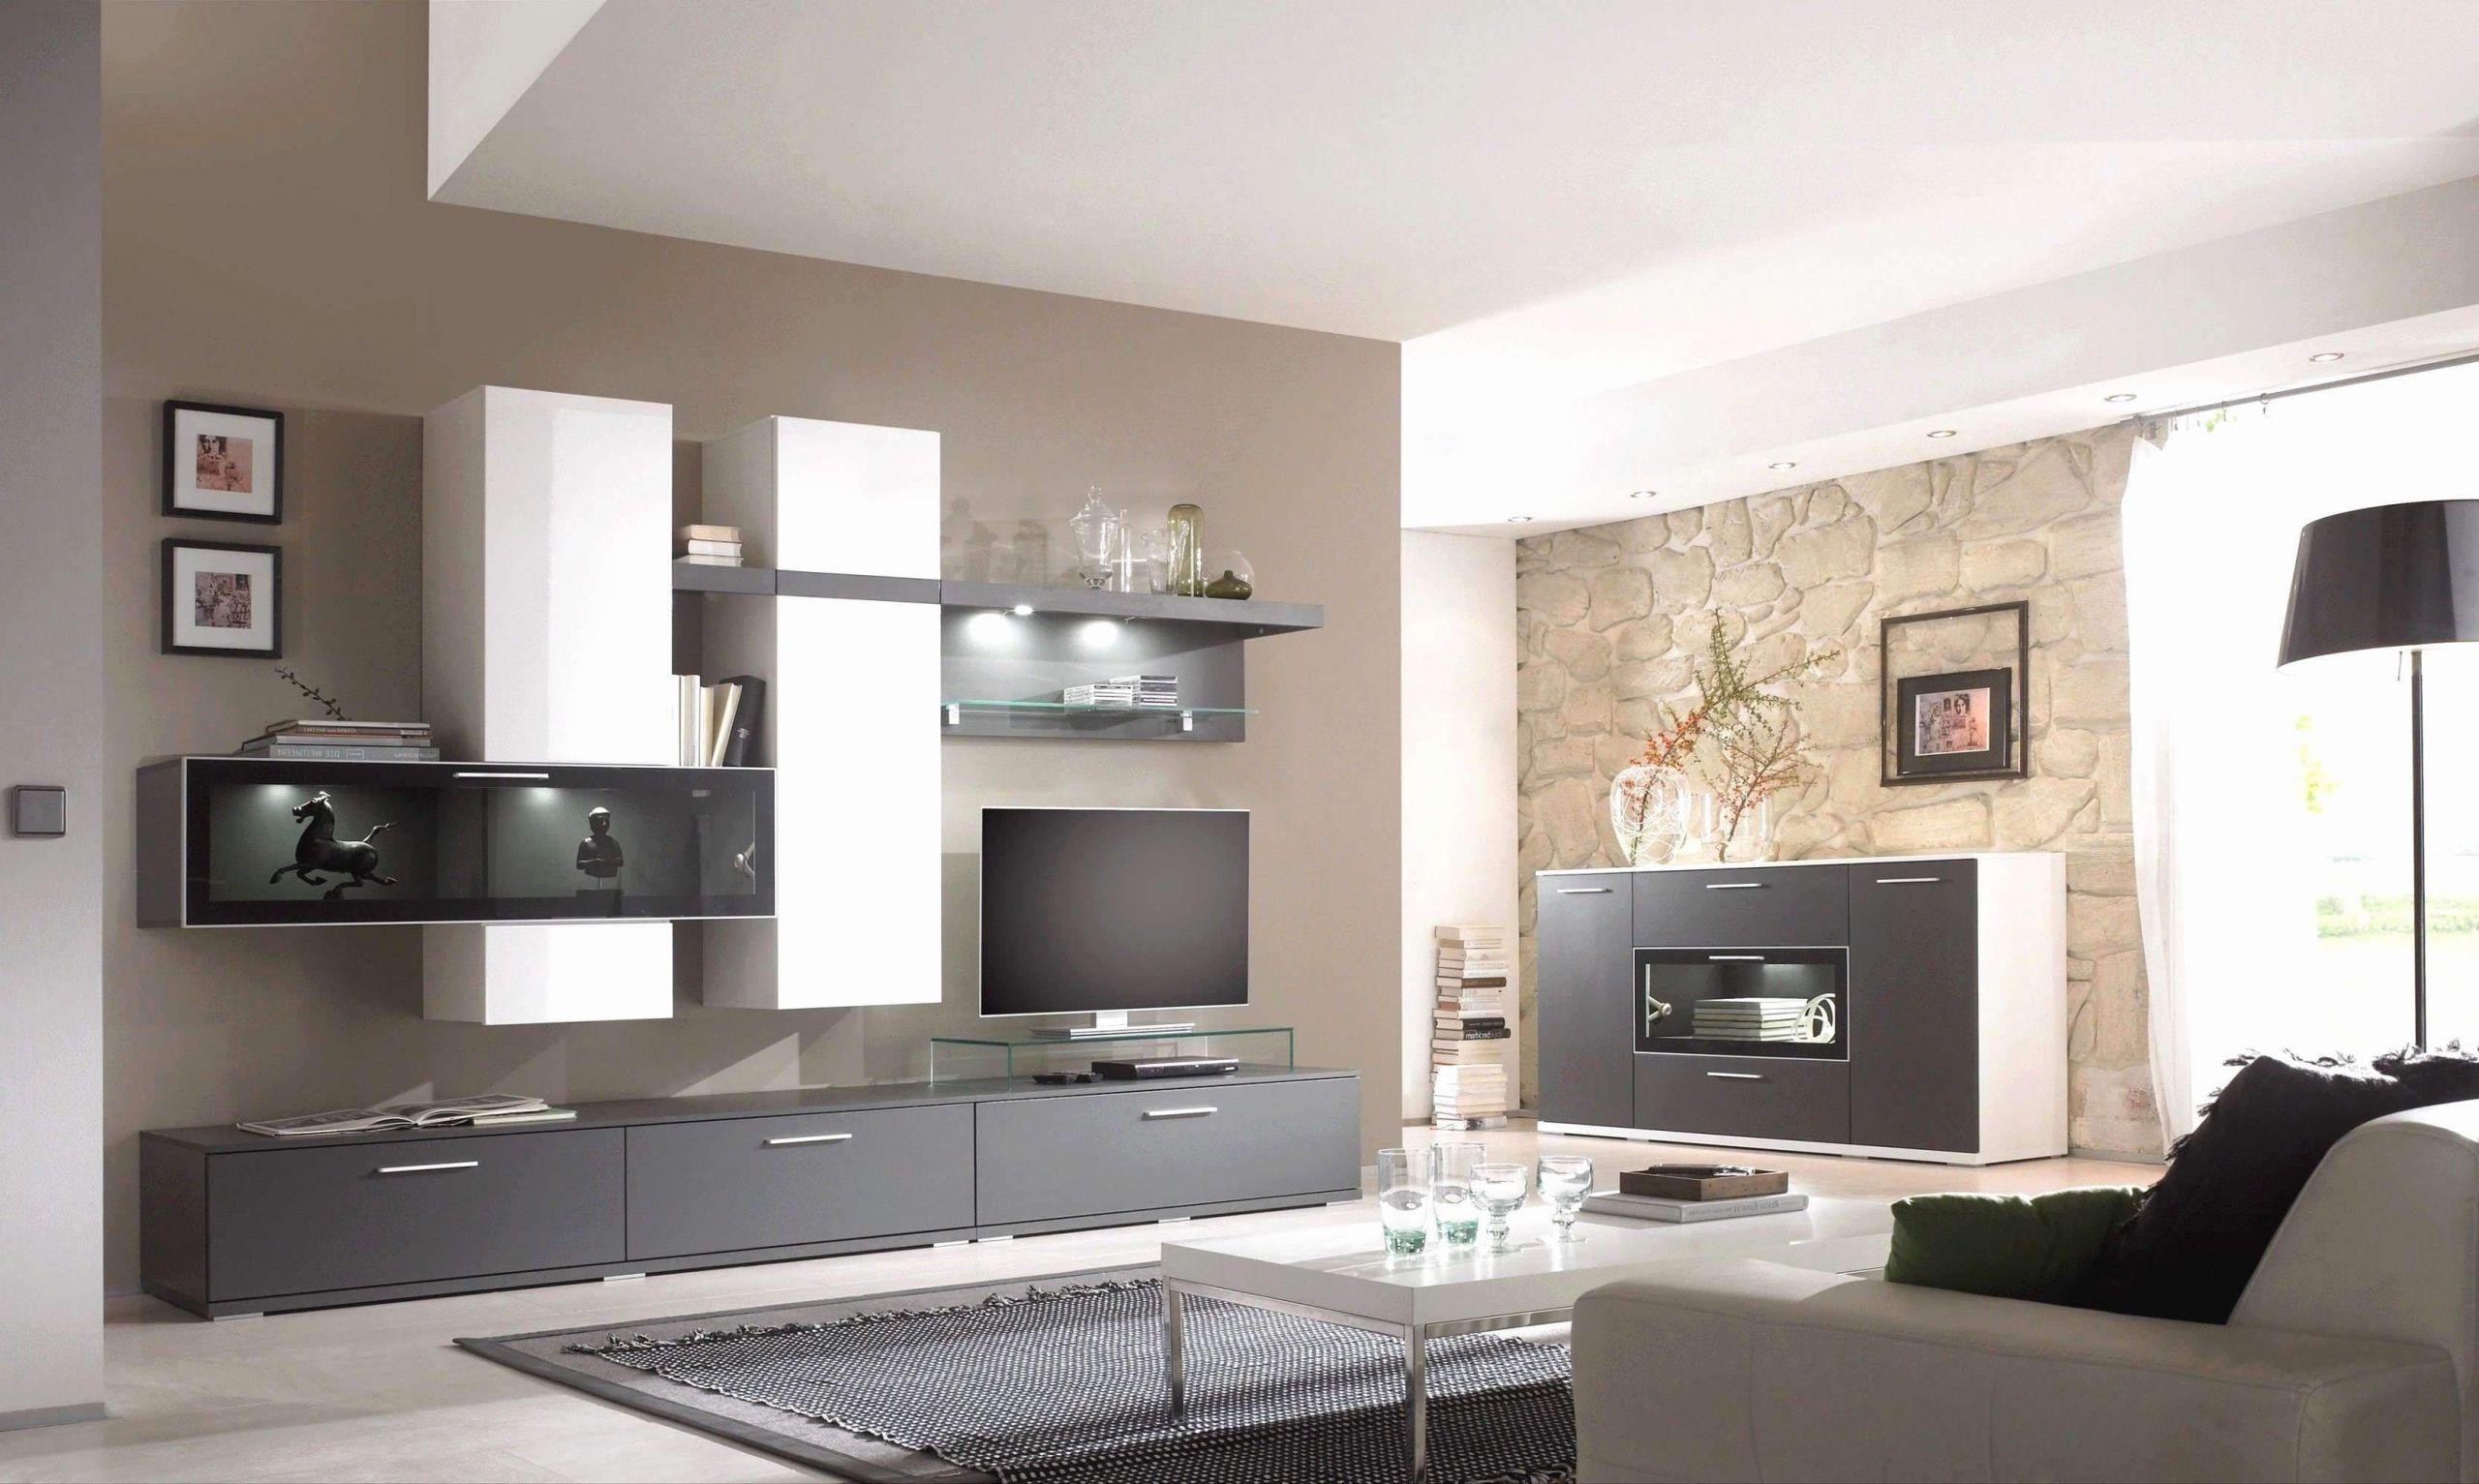 deko landhausstil wohnzimmer schon frisch deko landhausstil wohnzimmer of deko landhausstil wohnzimmer scaled